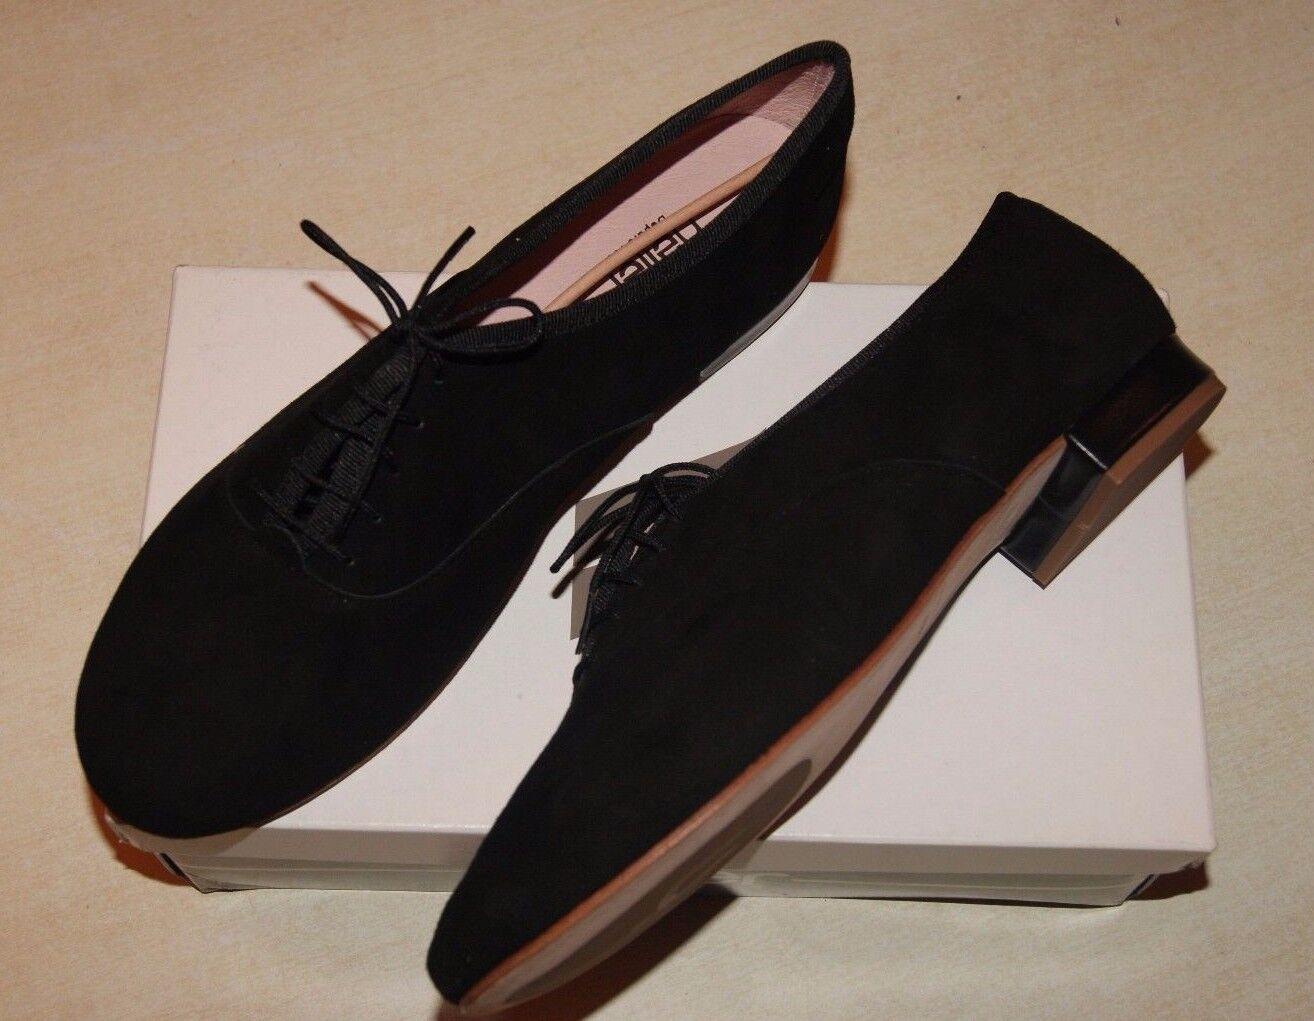 Cómodo y bien parecido Descuento por tiempo limitado chaussures derby noir neuves marque HELLER taille 40 étiquetés à 118